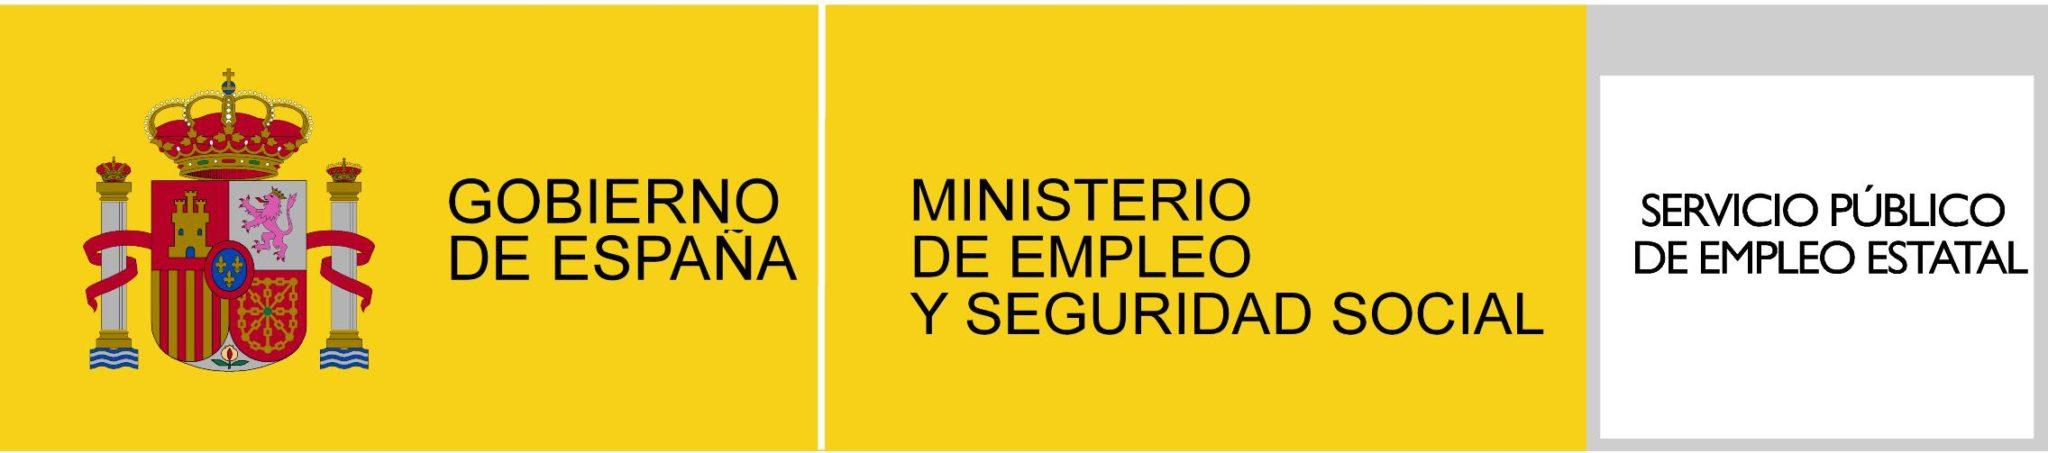 Gobierno de España. Ministerio de Empleo y Seguridad Social. Servicio Público de Empleo Estatal